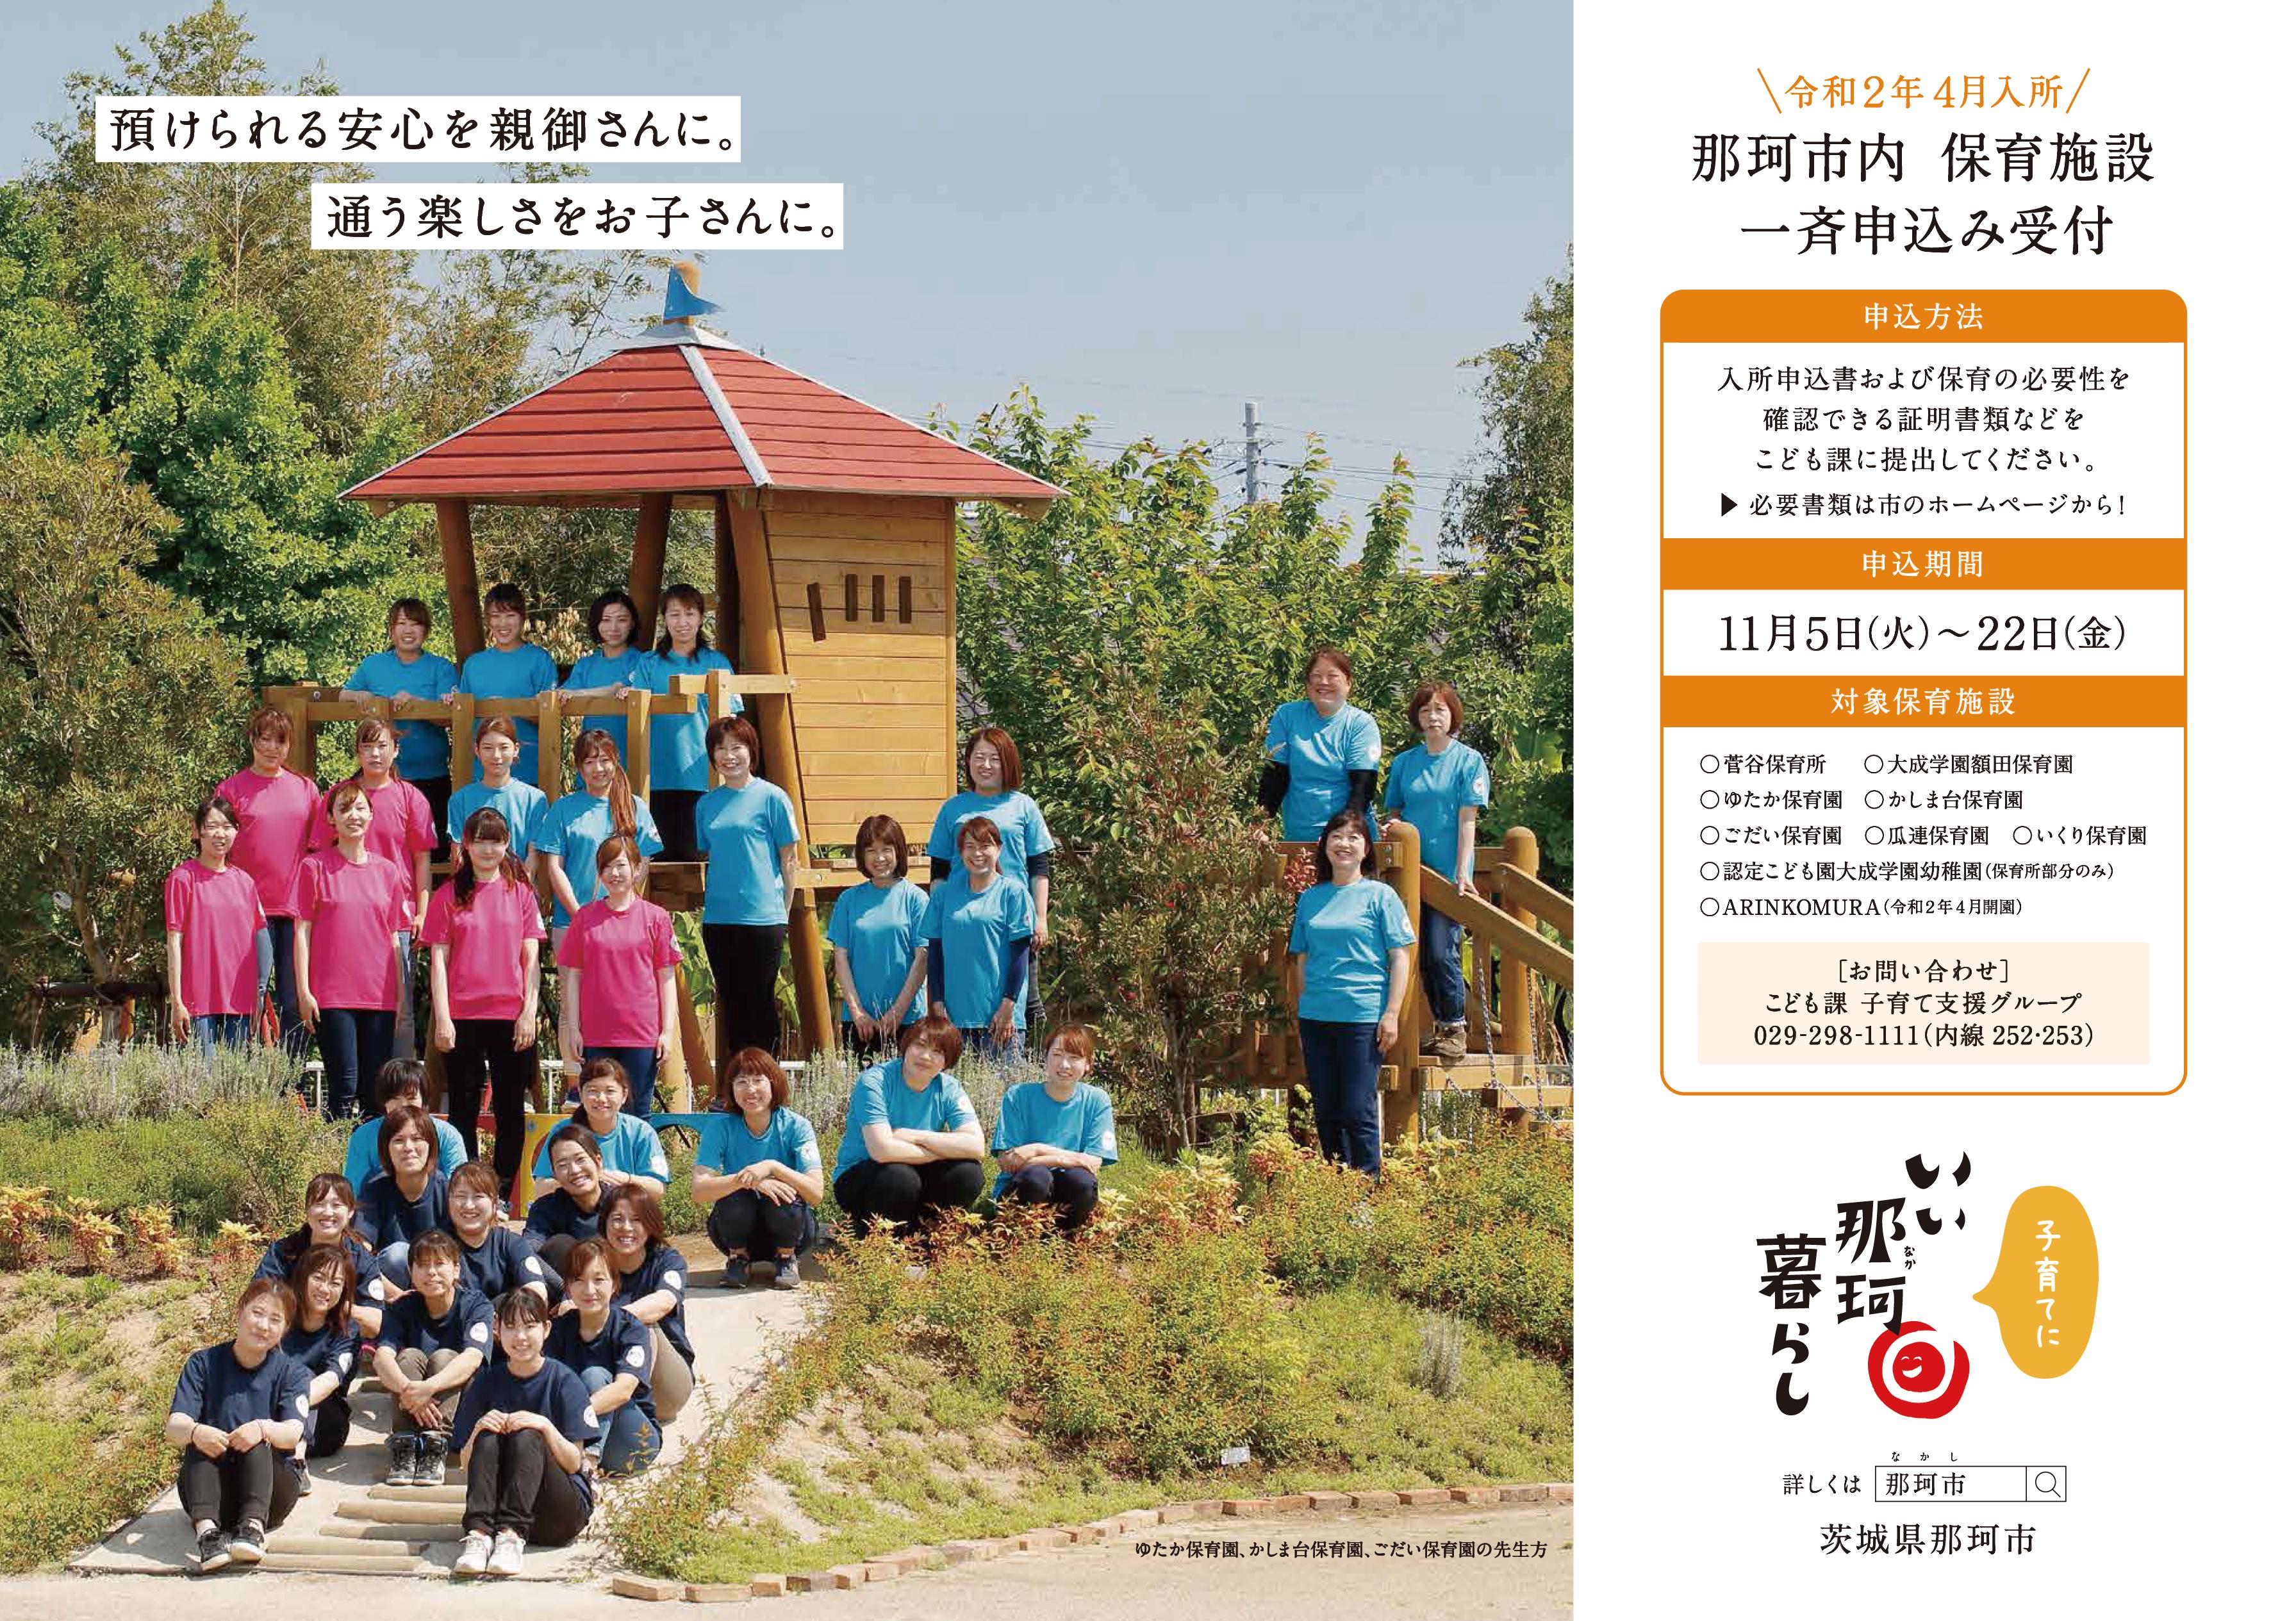 JR水郡線ポスター2019_11